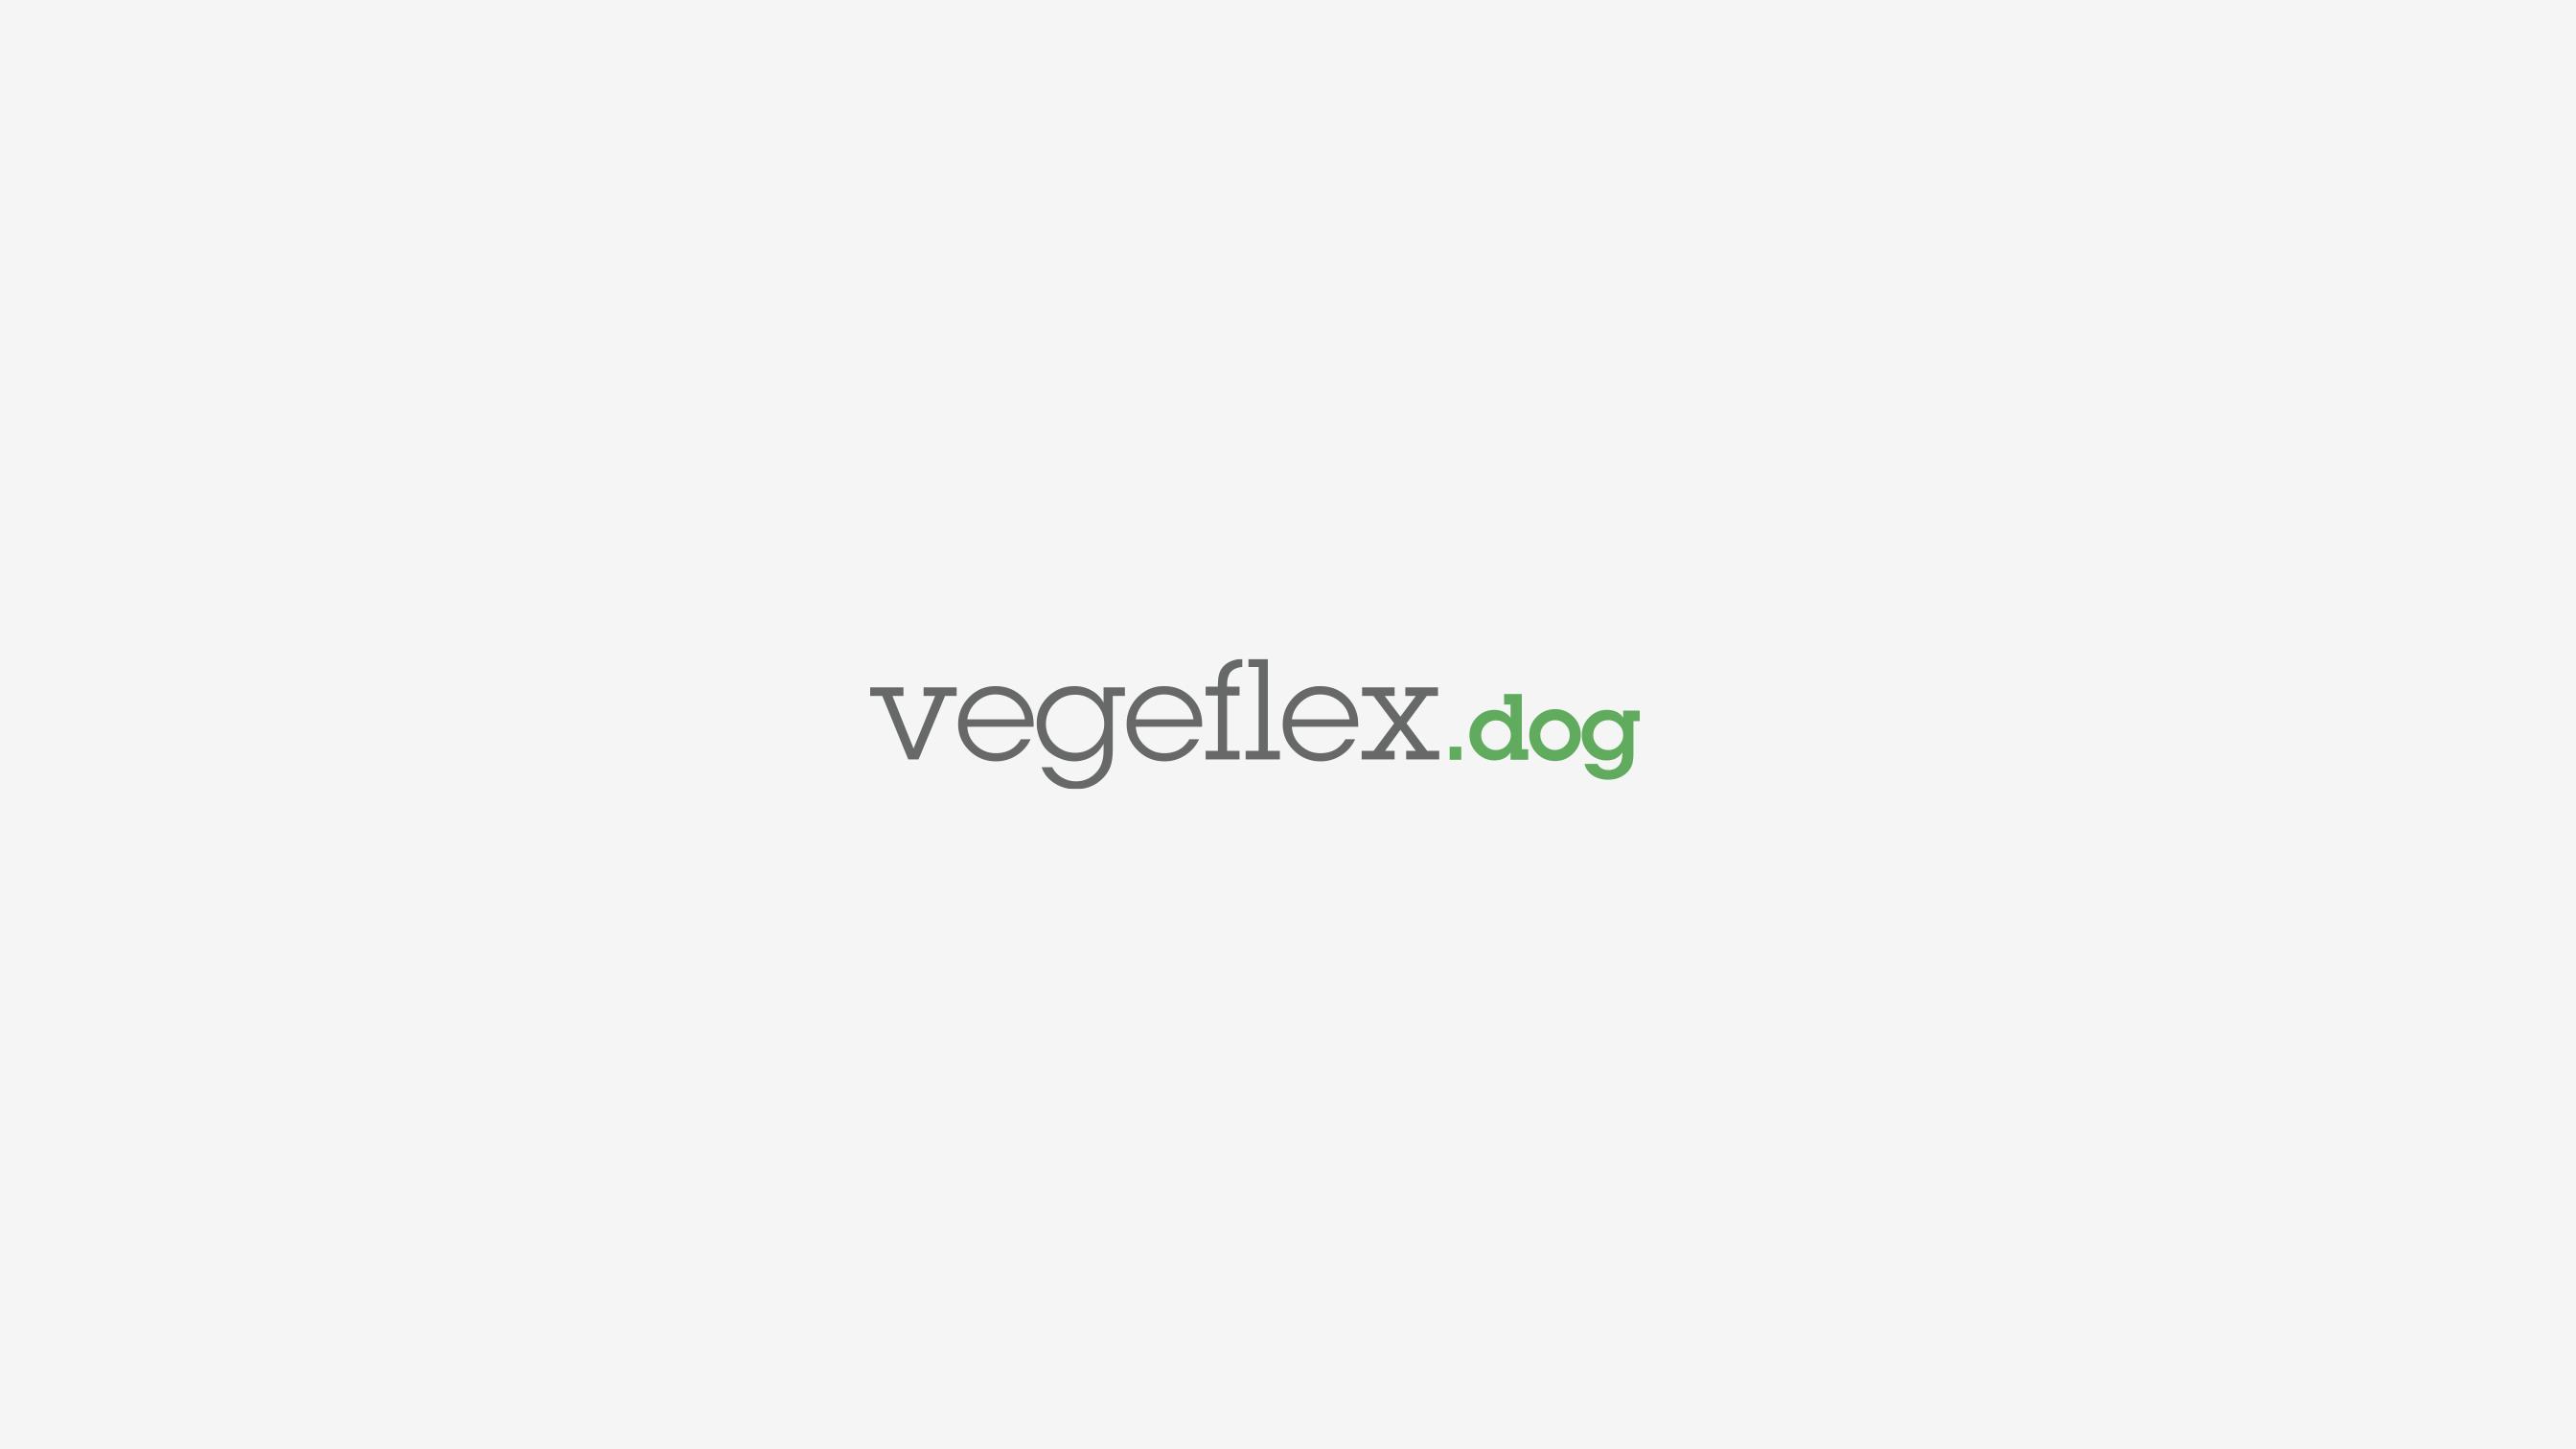 vegeflex-logotype-dog-pikteo